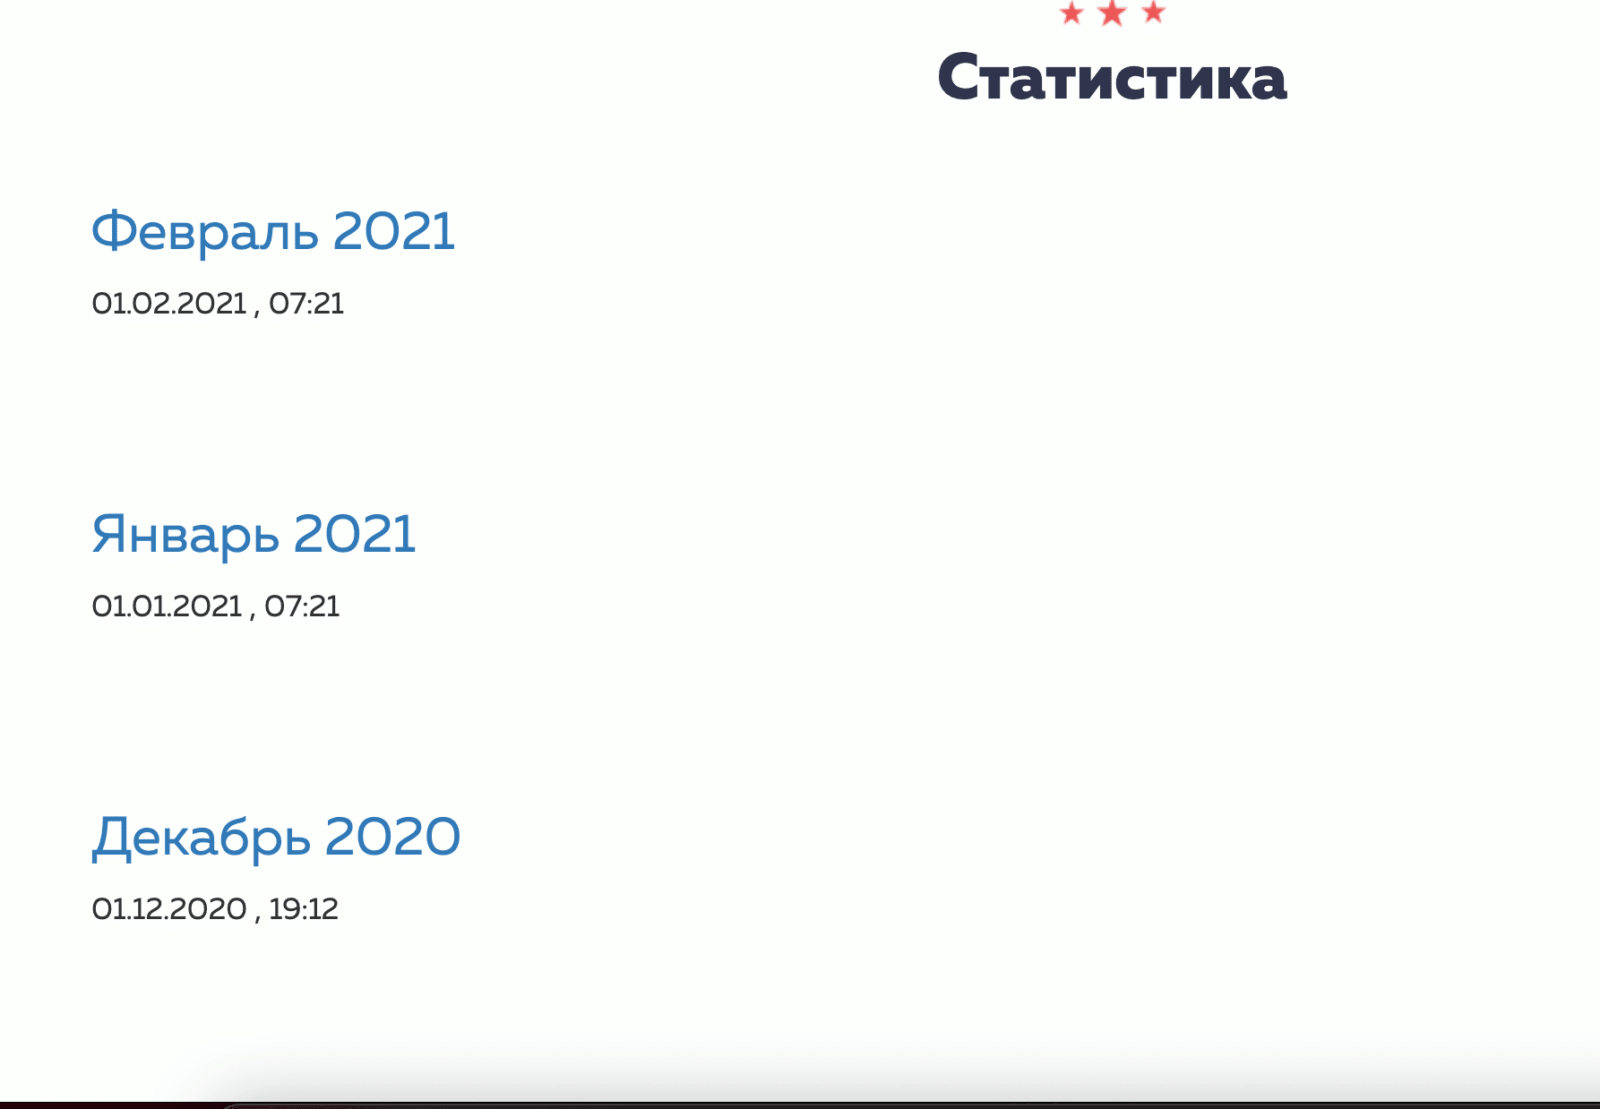 Статистика прогнозов от Value-Bets.ru